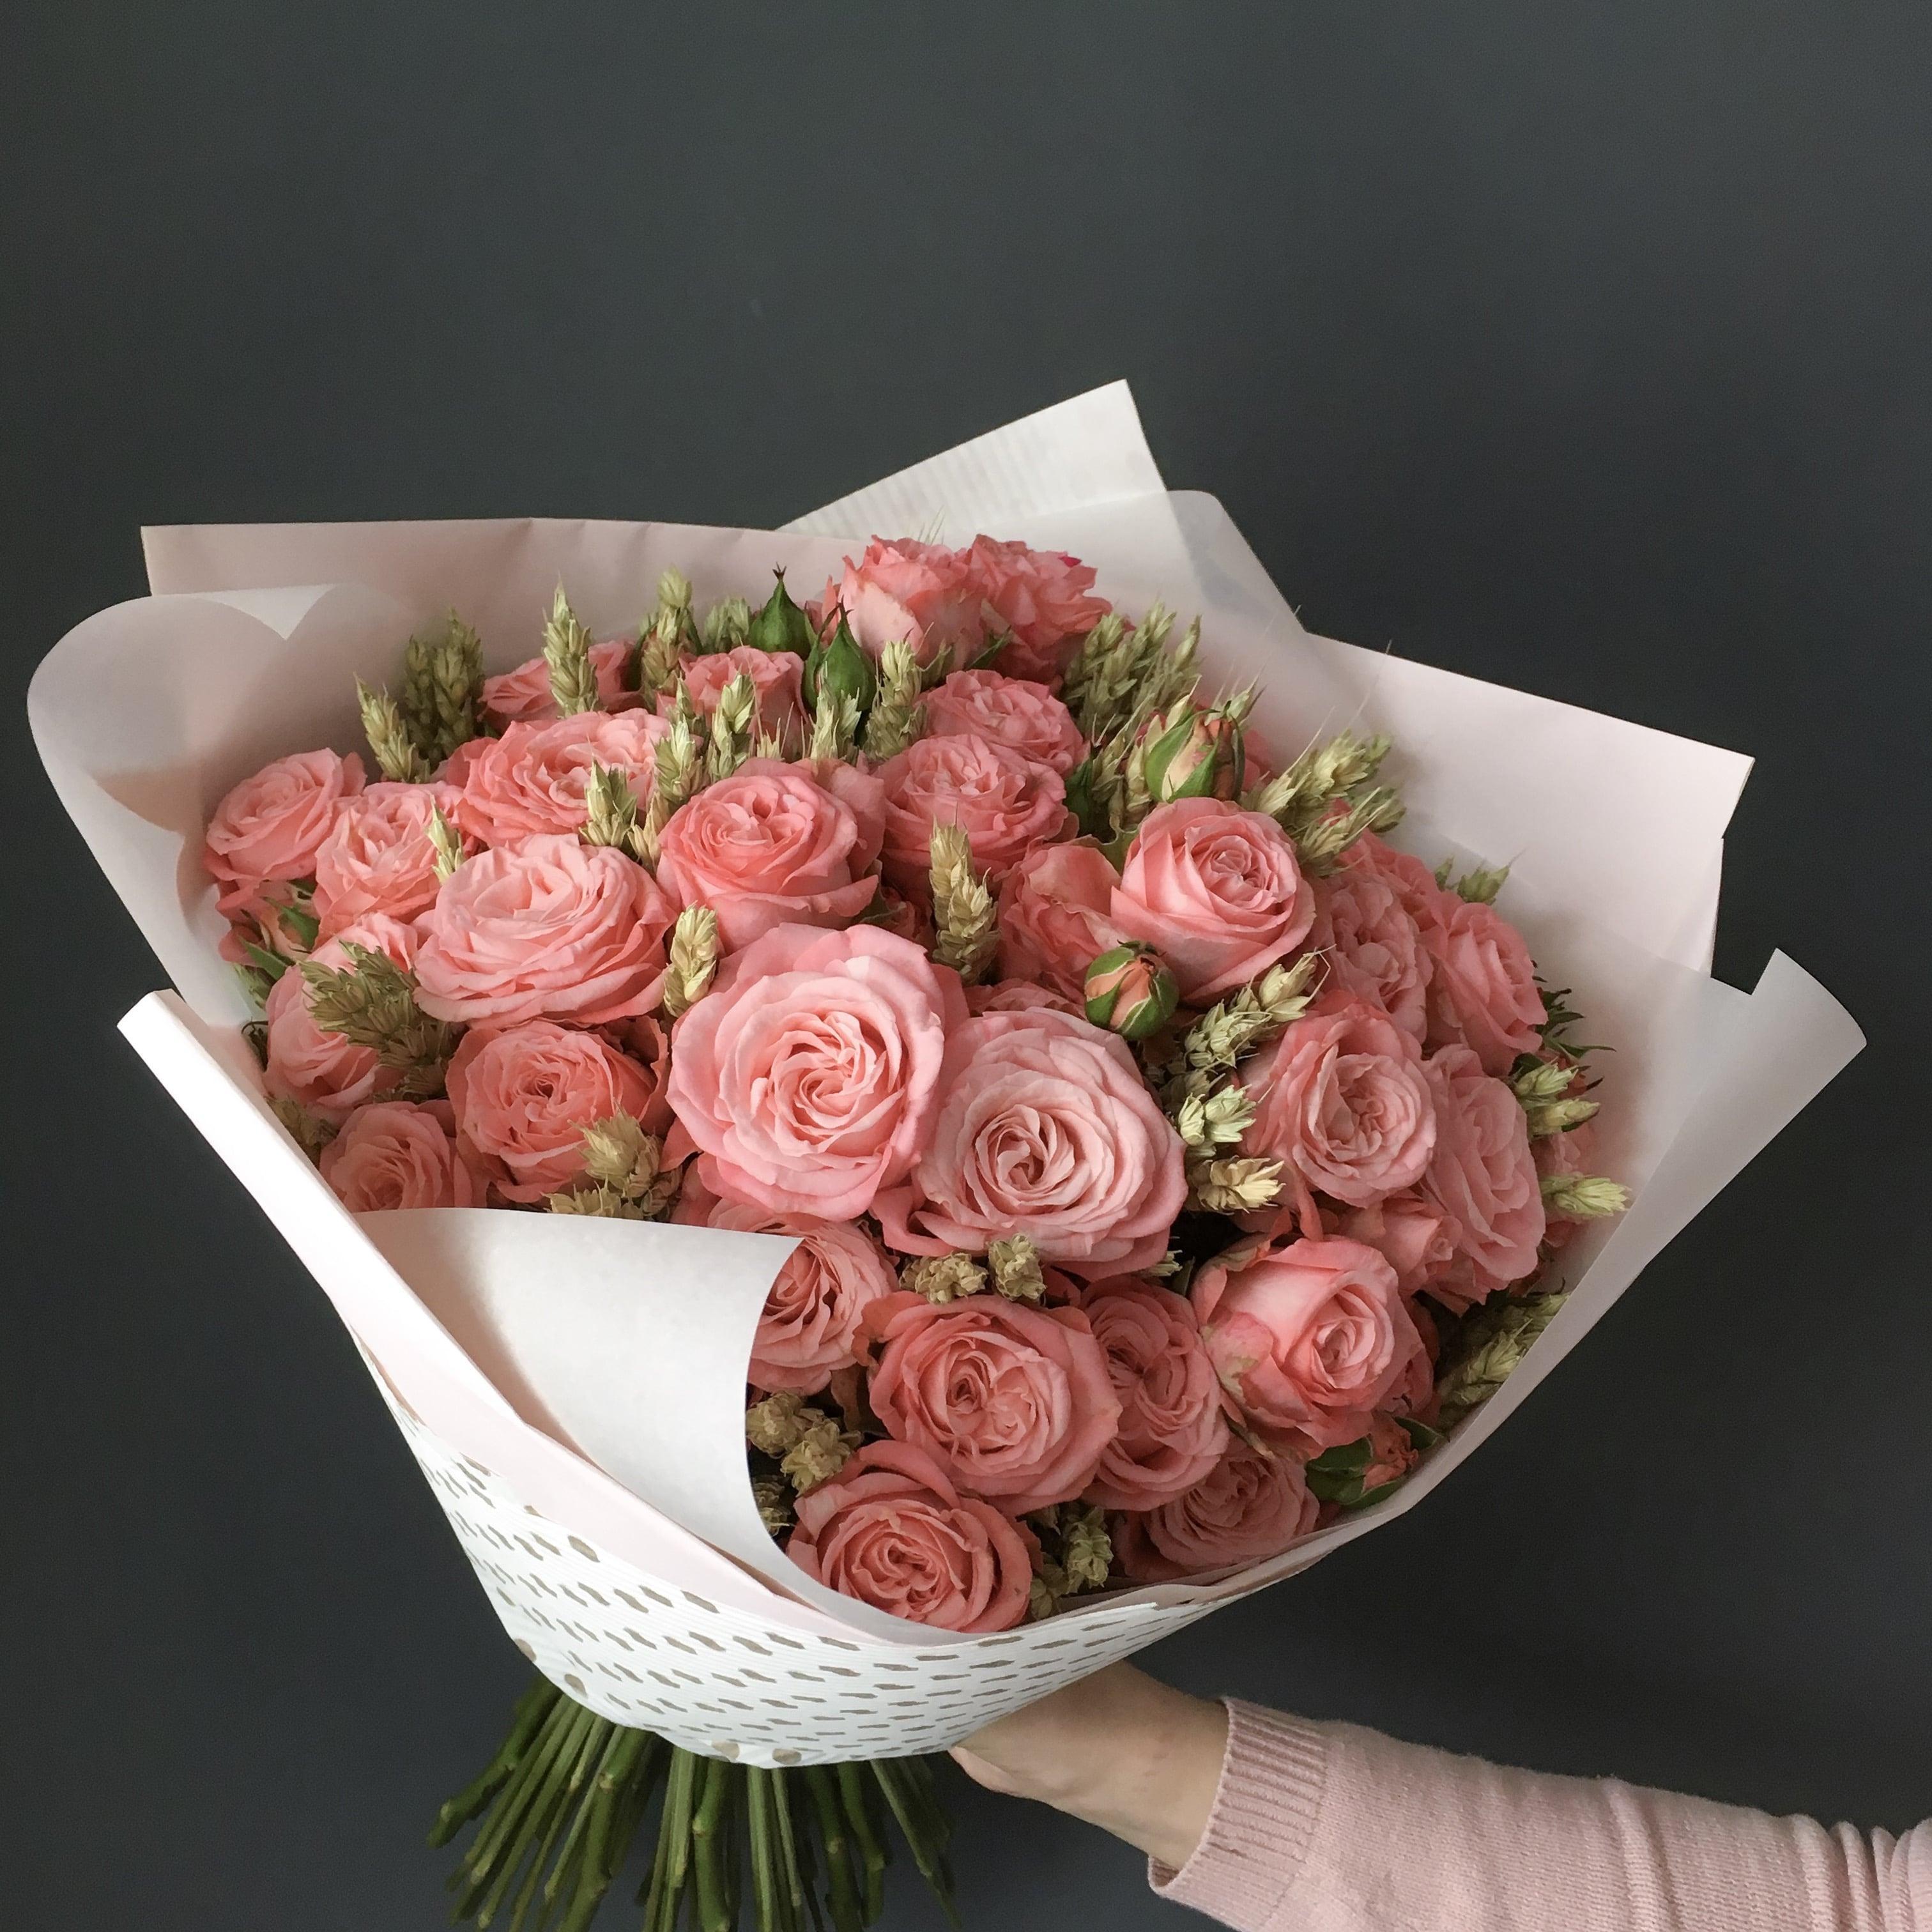 можно найти современные красивые букеты из роз фото планируете отдых